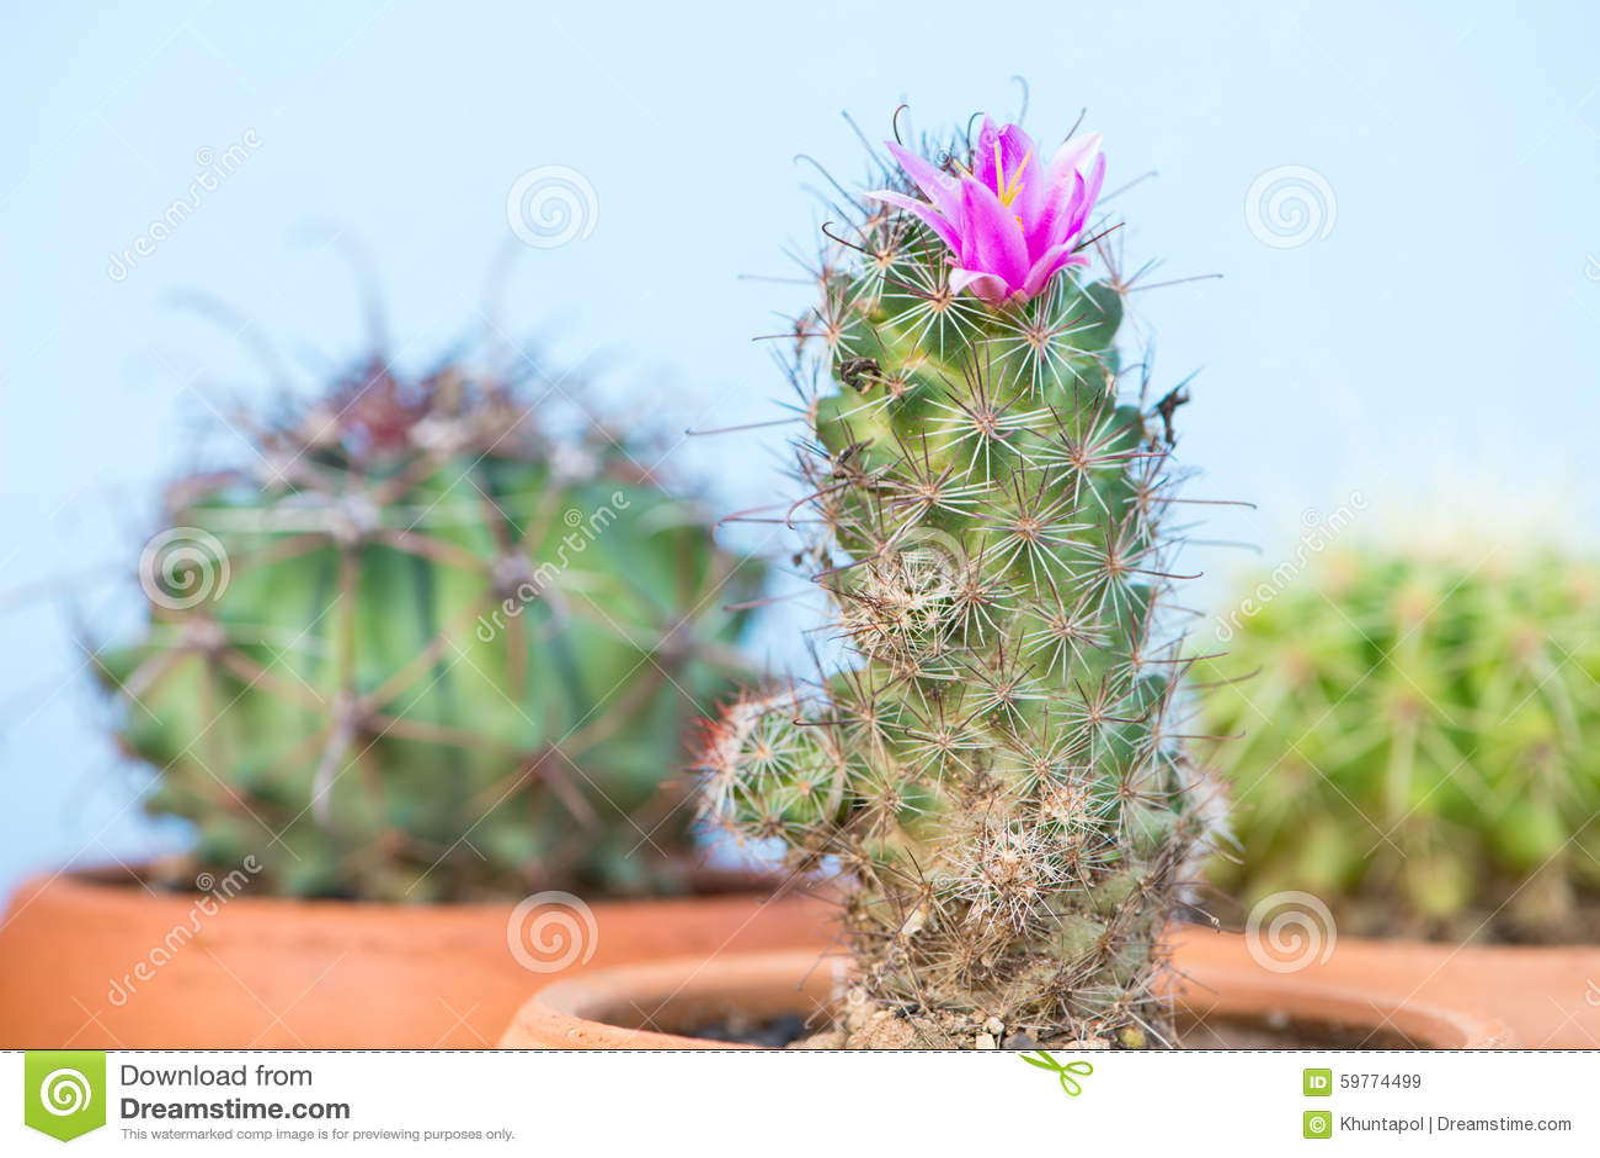 Ferme Vers Le Haut Du Cactus Avec La Fleur Rose Image Stock Image